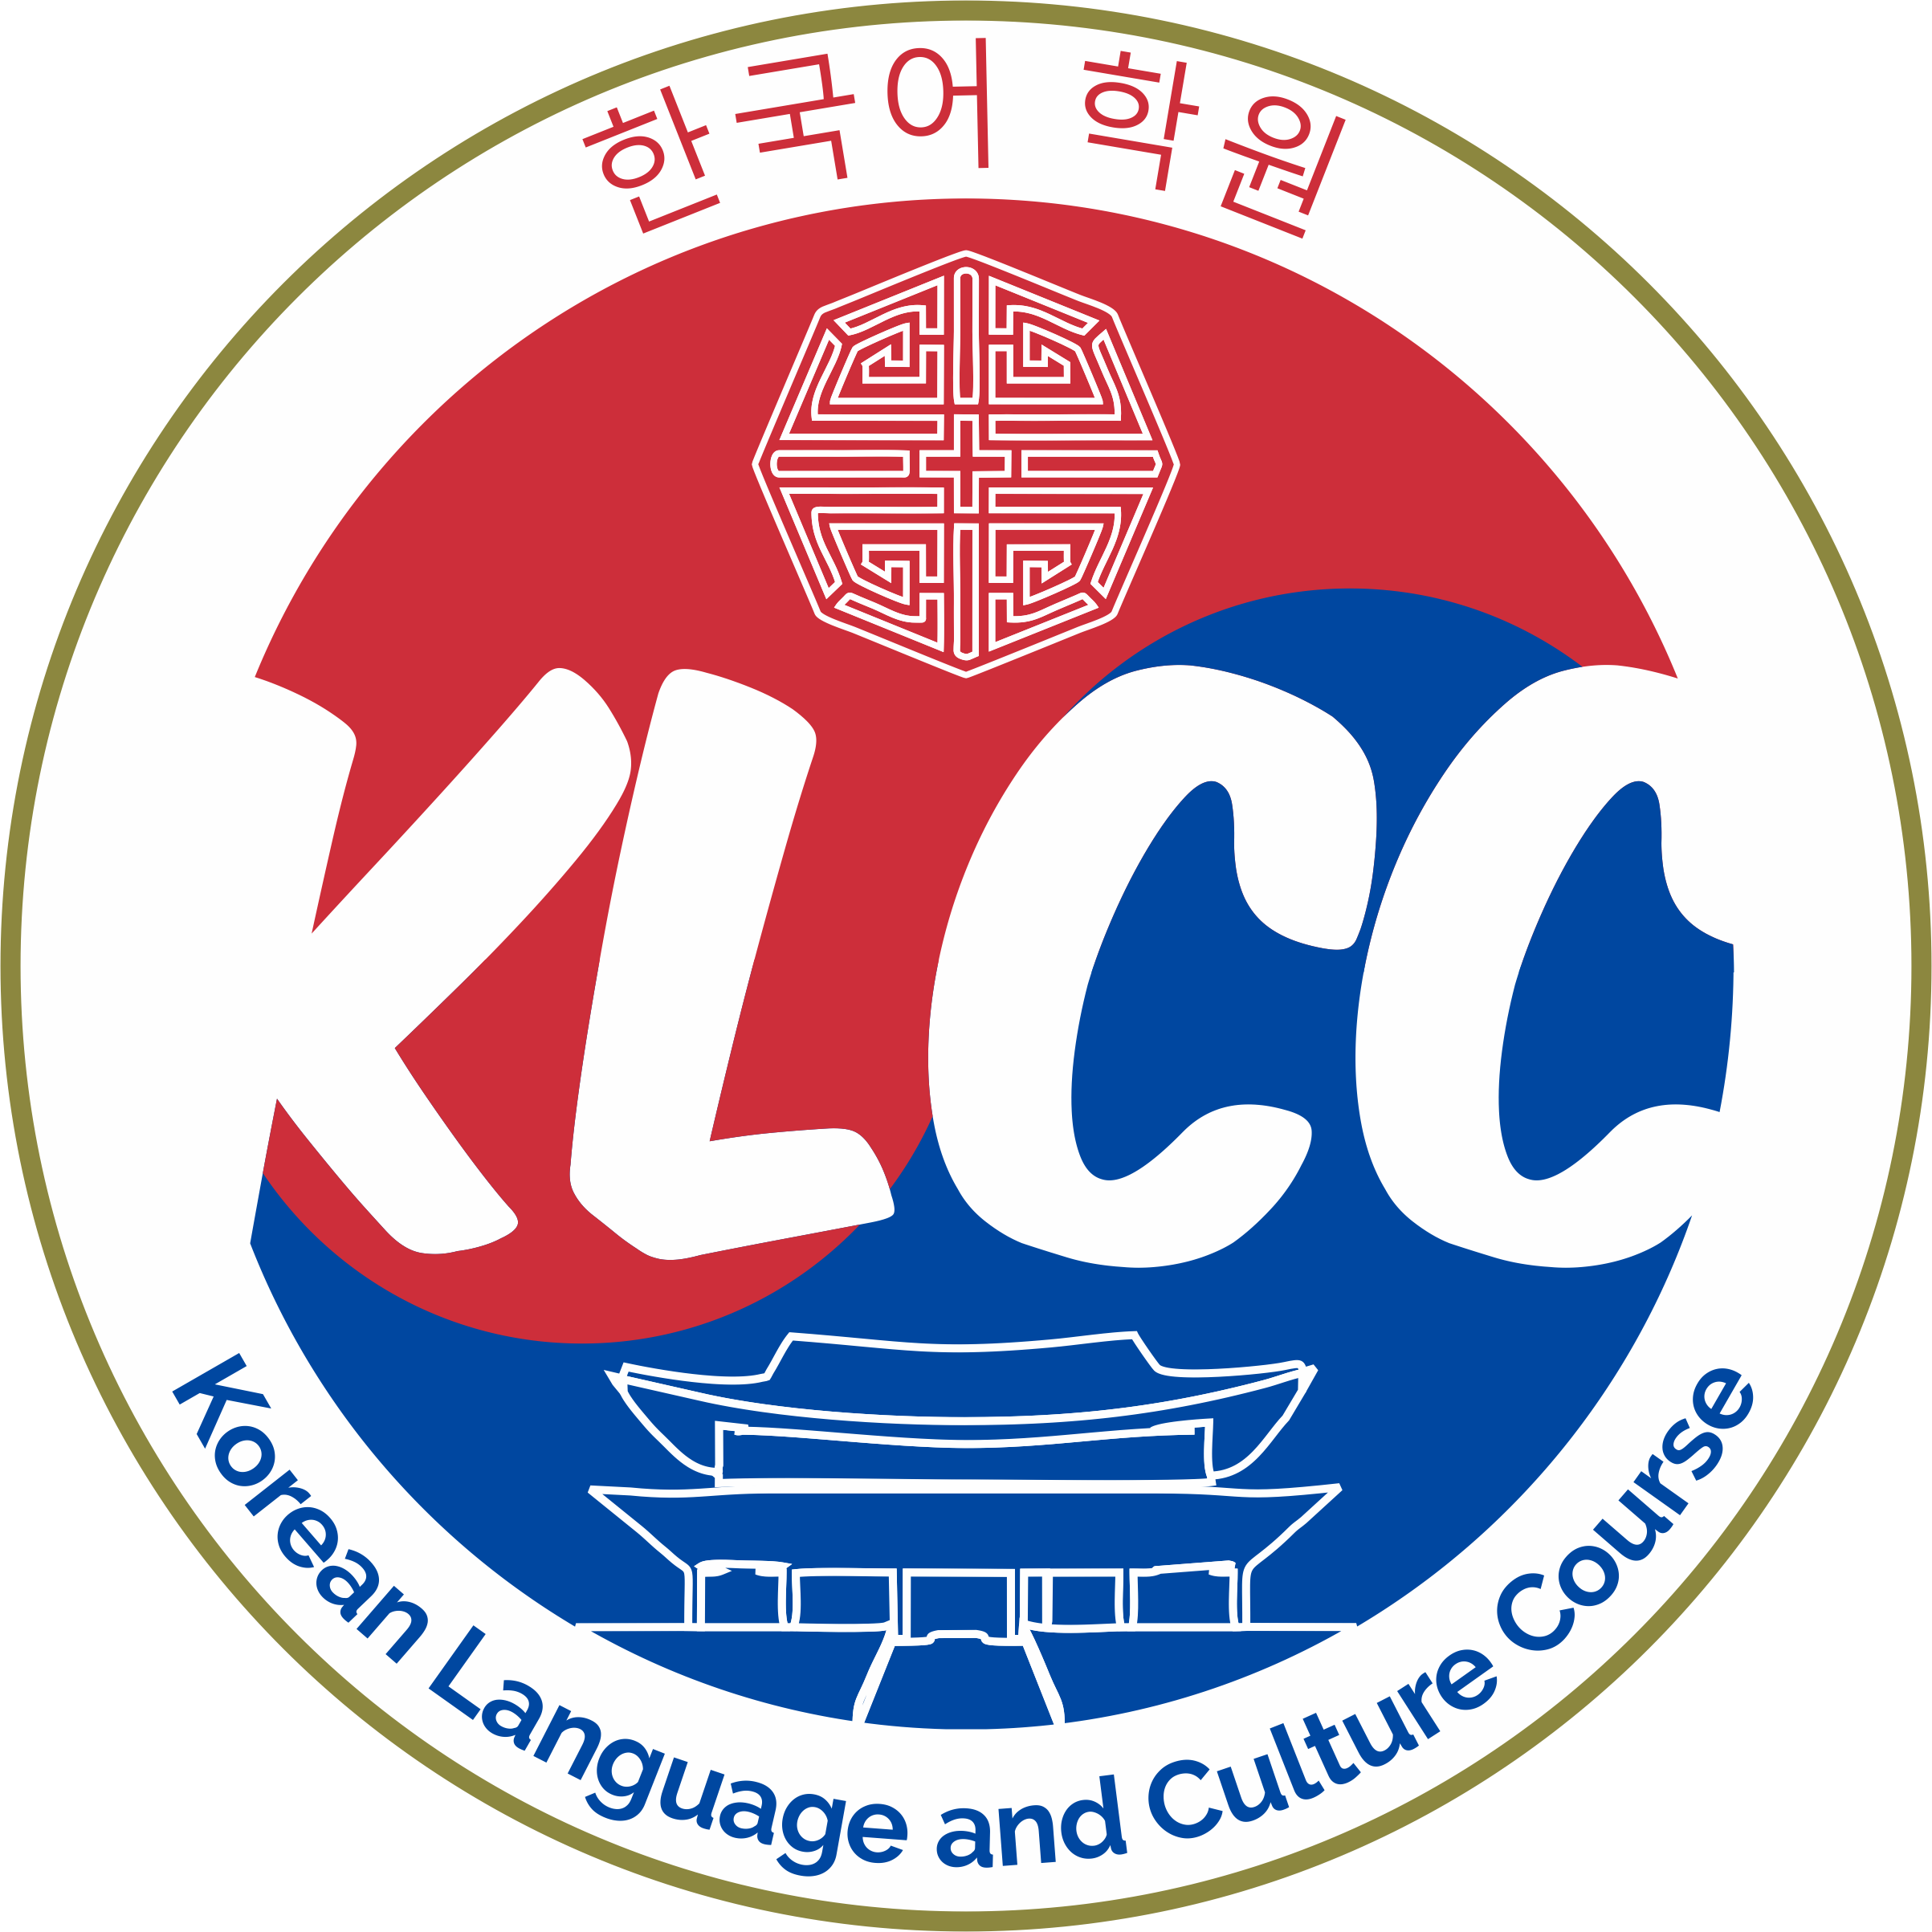 logo klcc